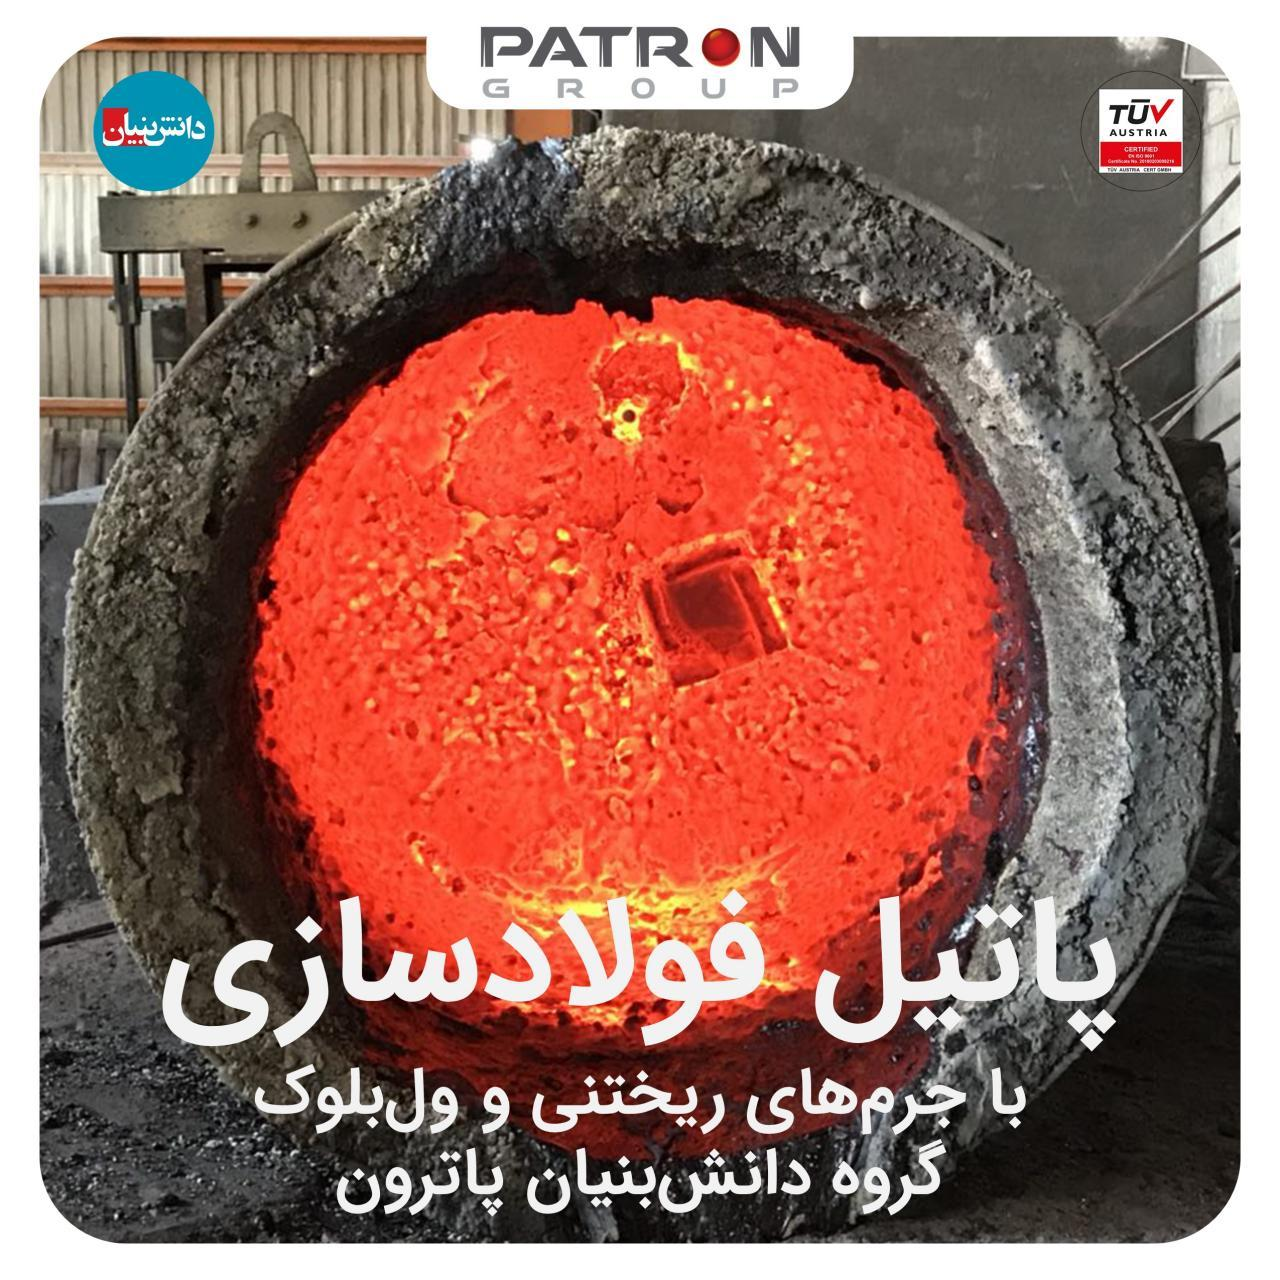 پاتیل فولادسازی با جرم ریختنی و ولبلوک پاترون